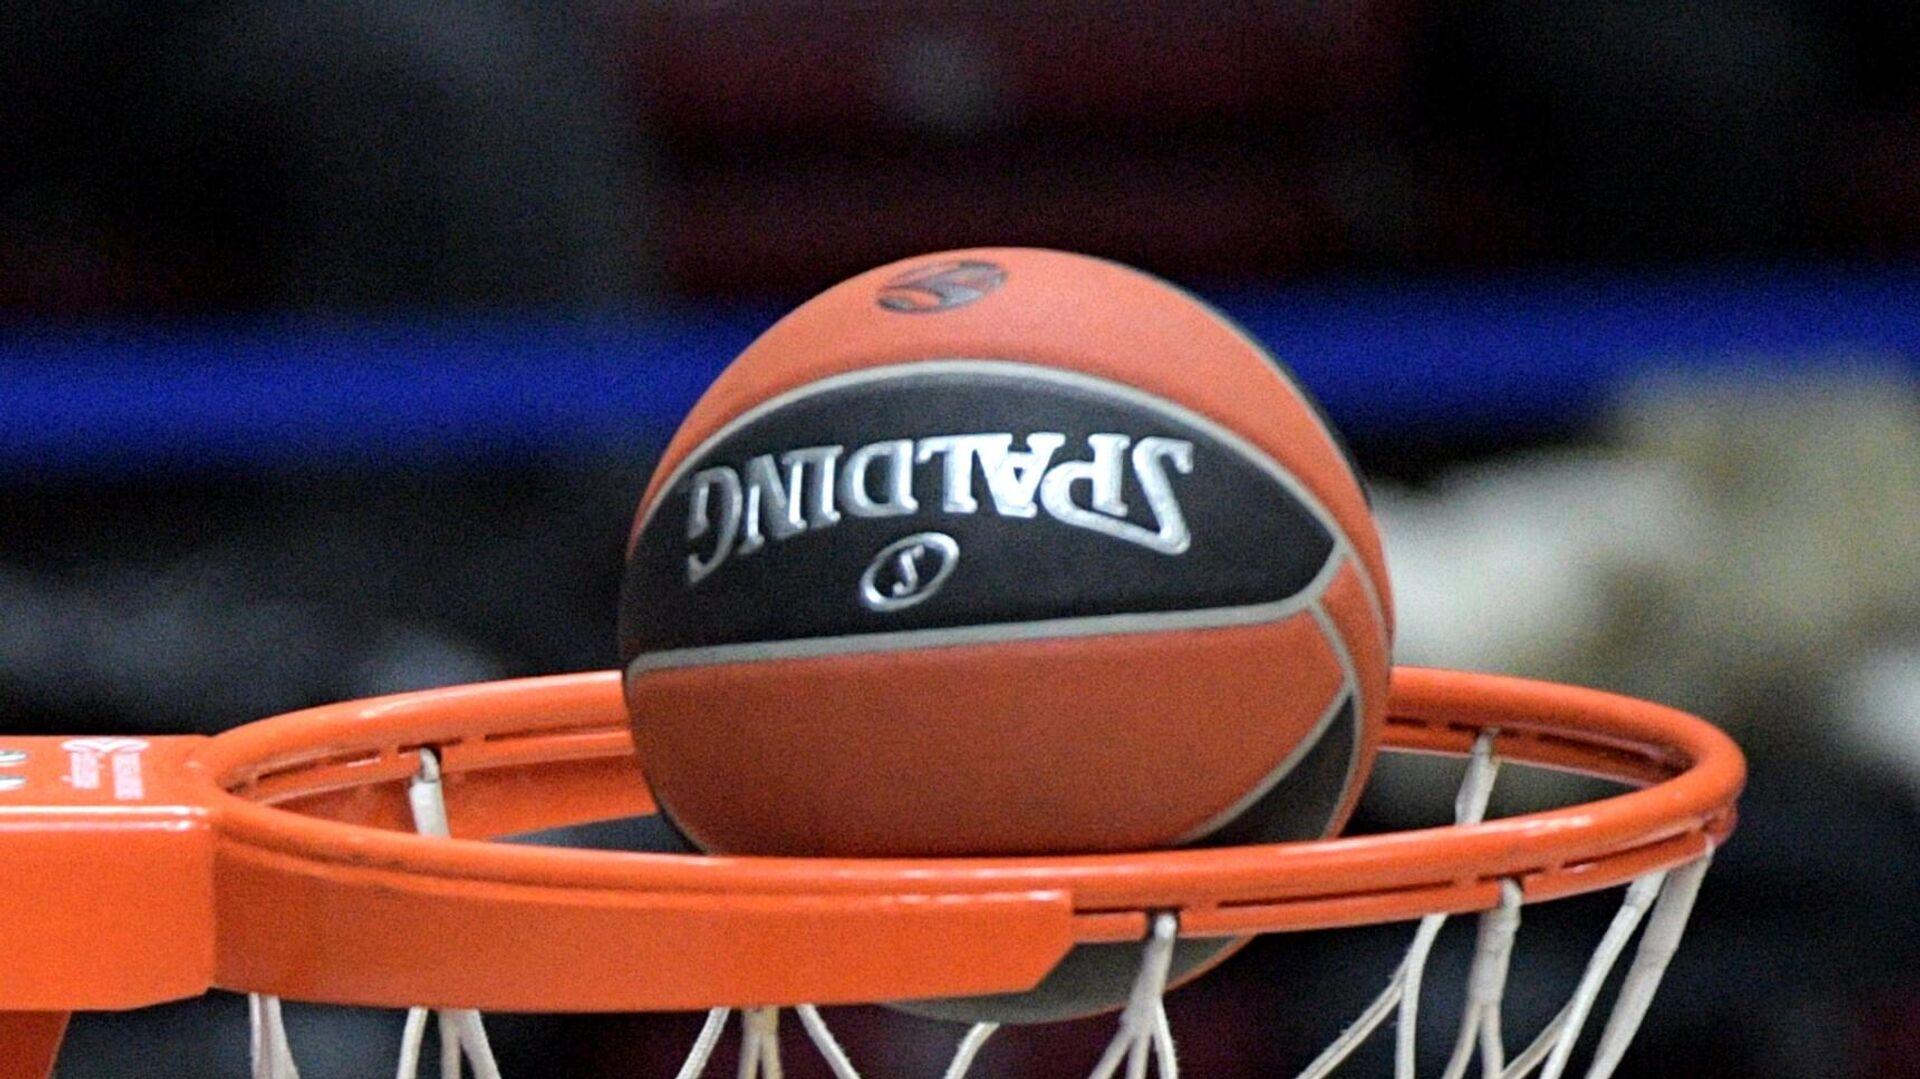 Баскетбольный мяч - РИА Новости, 1920, 09.05.2021